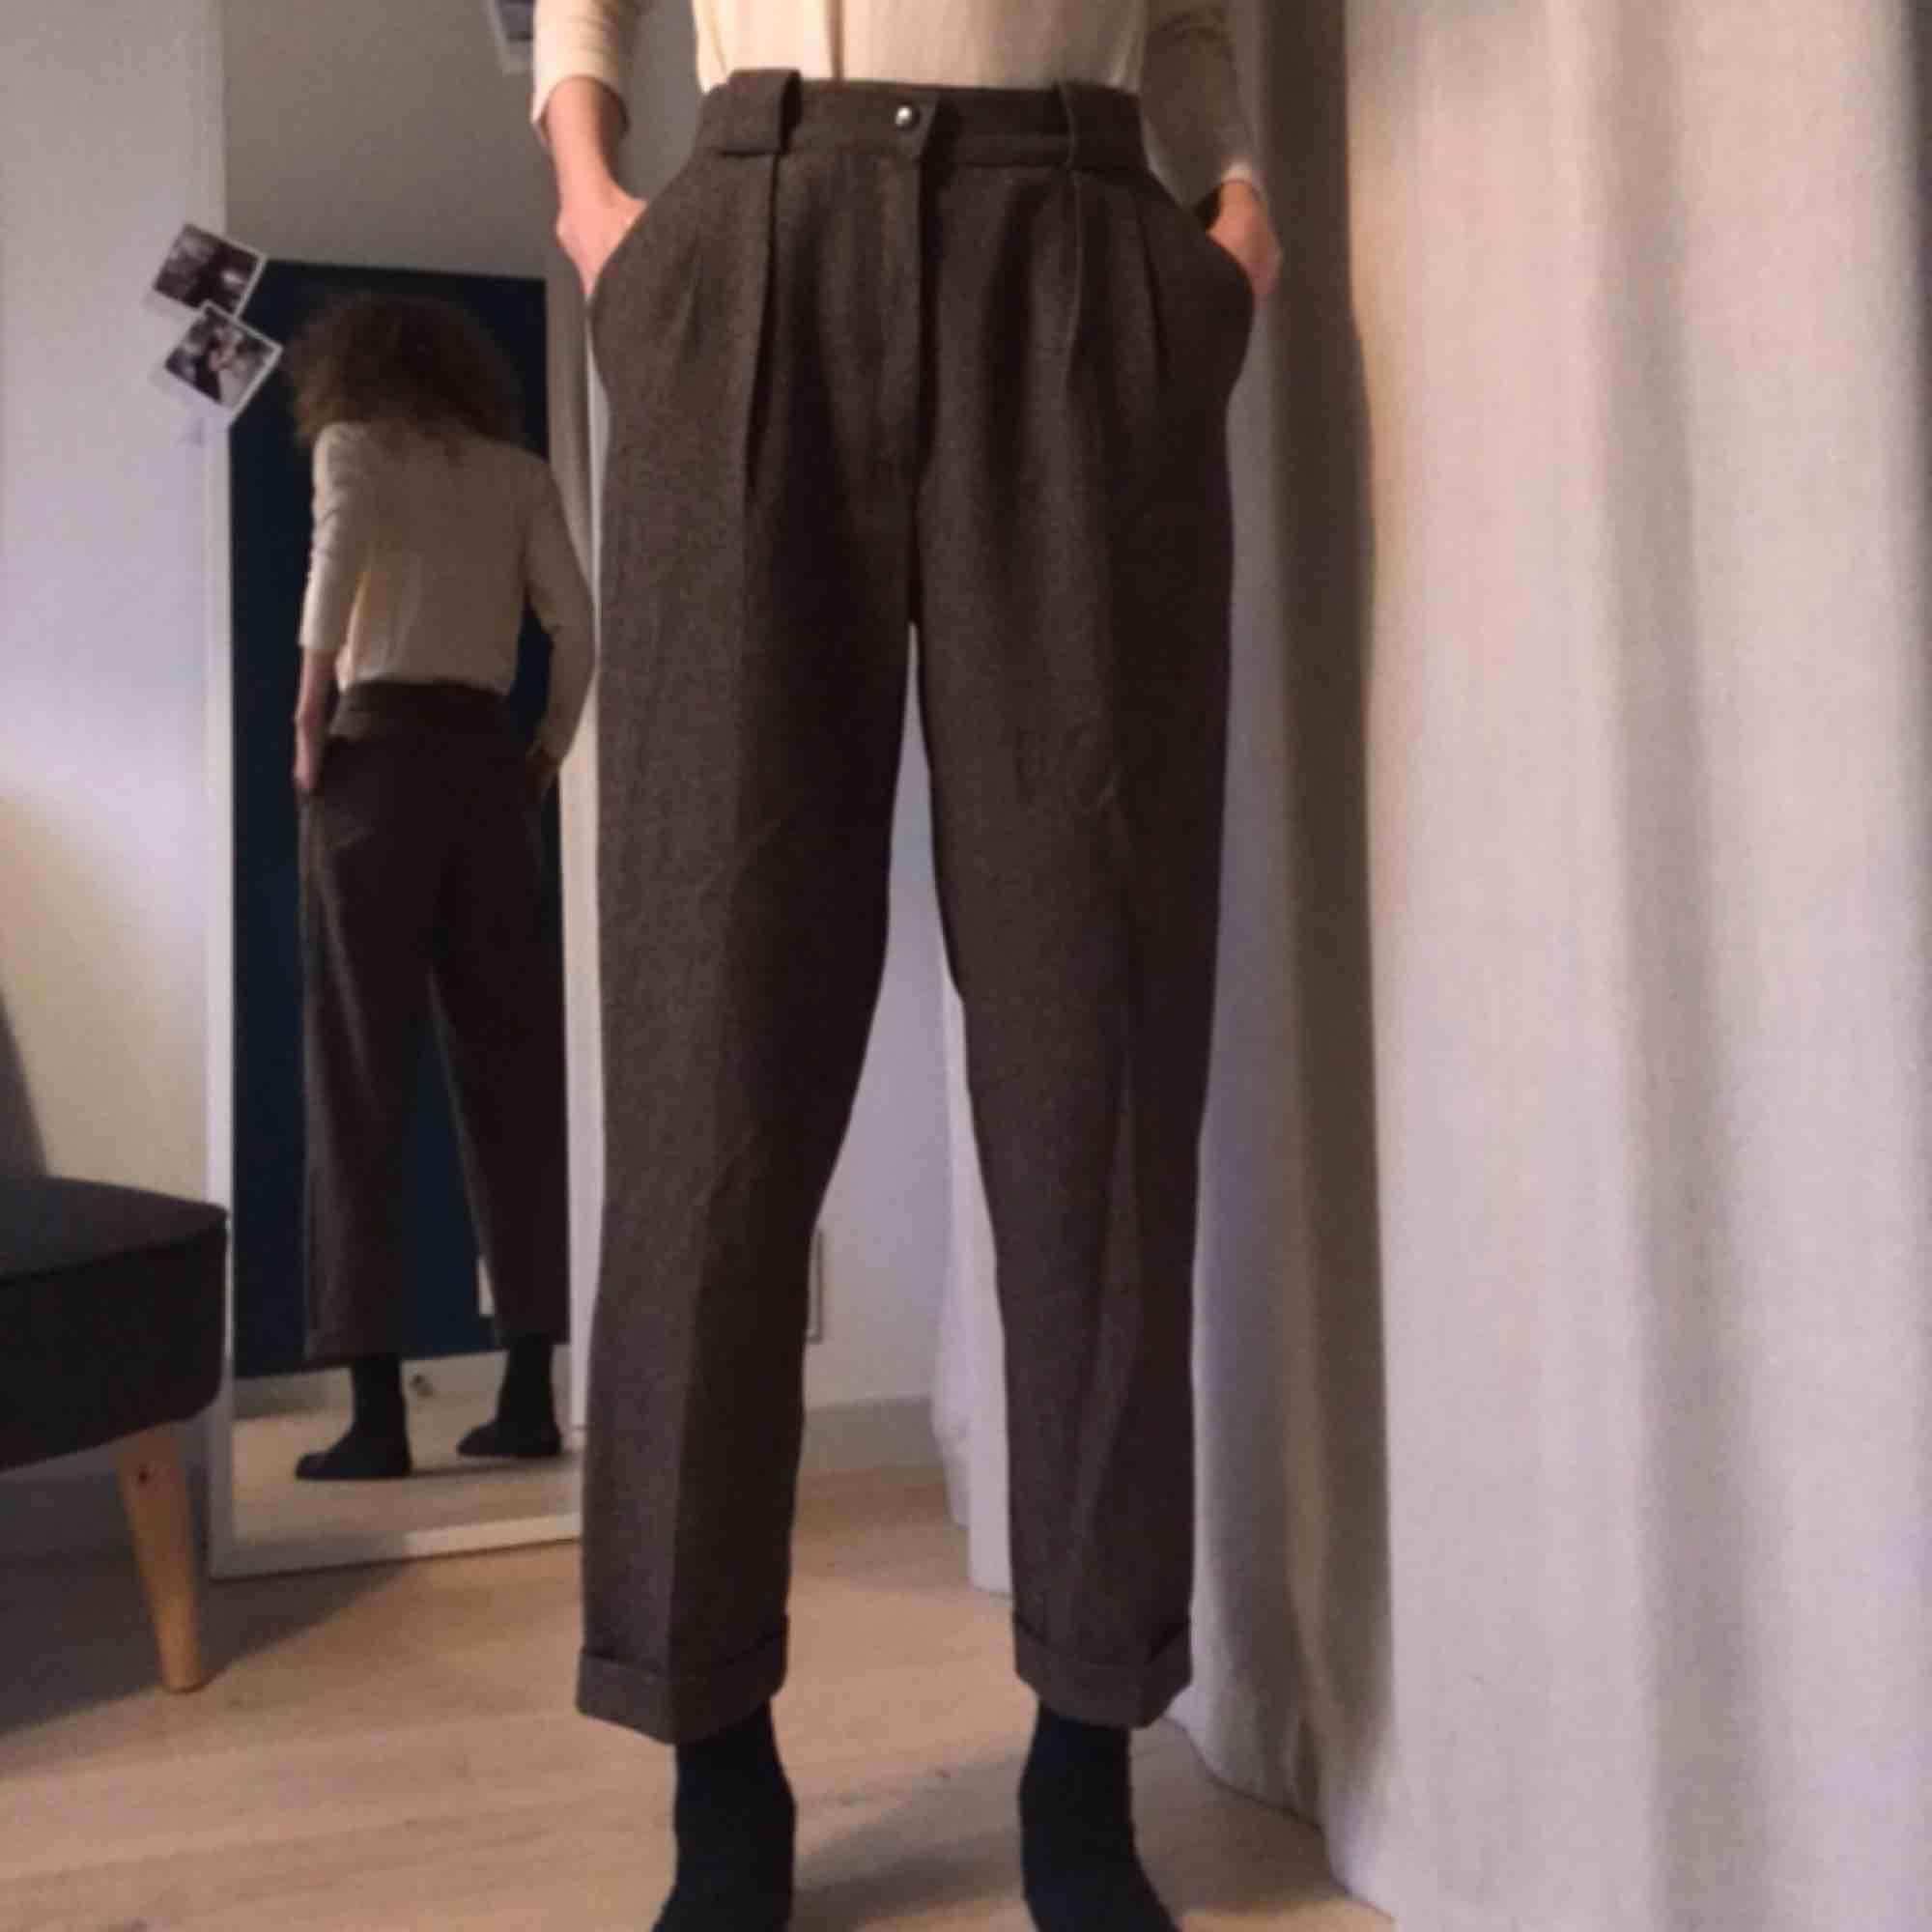 Byxor i ylle eller ylleliknade material i bra kvalitet. Köpa vintage. Superbra skick. Ankellånga på mig (är 174cm). Passar midja 24-26 typ. Jeans & Byxor.